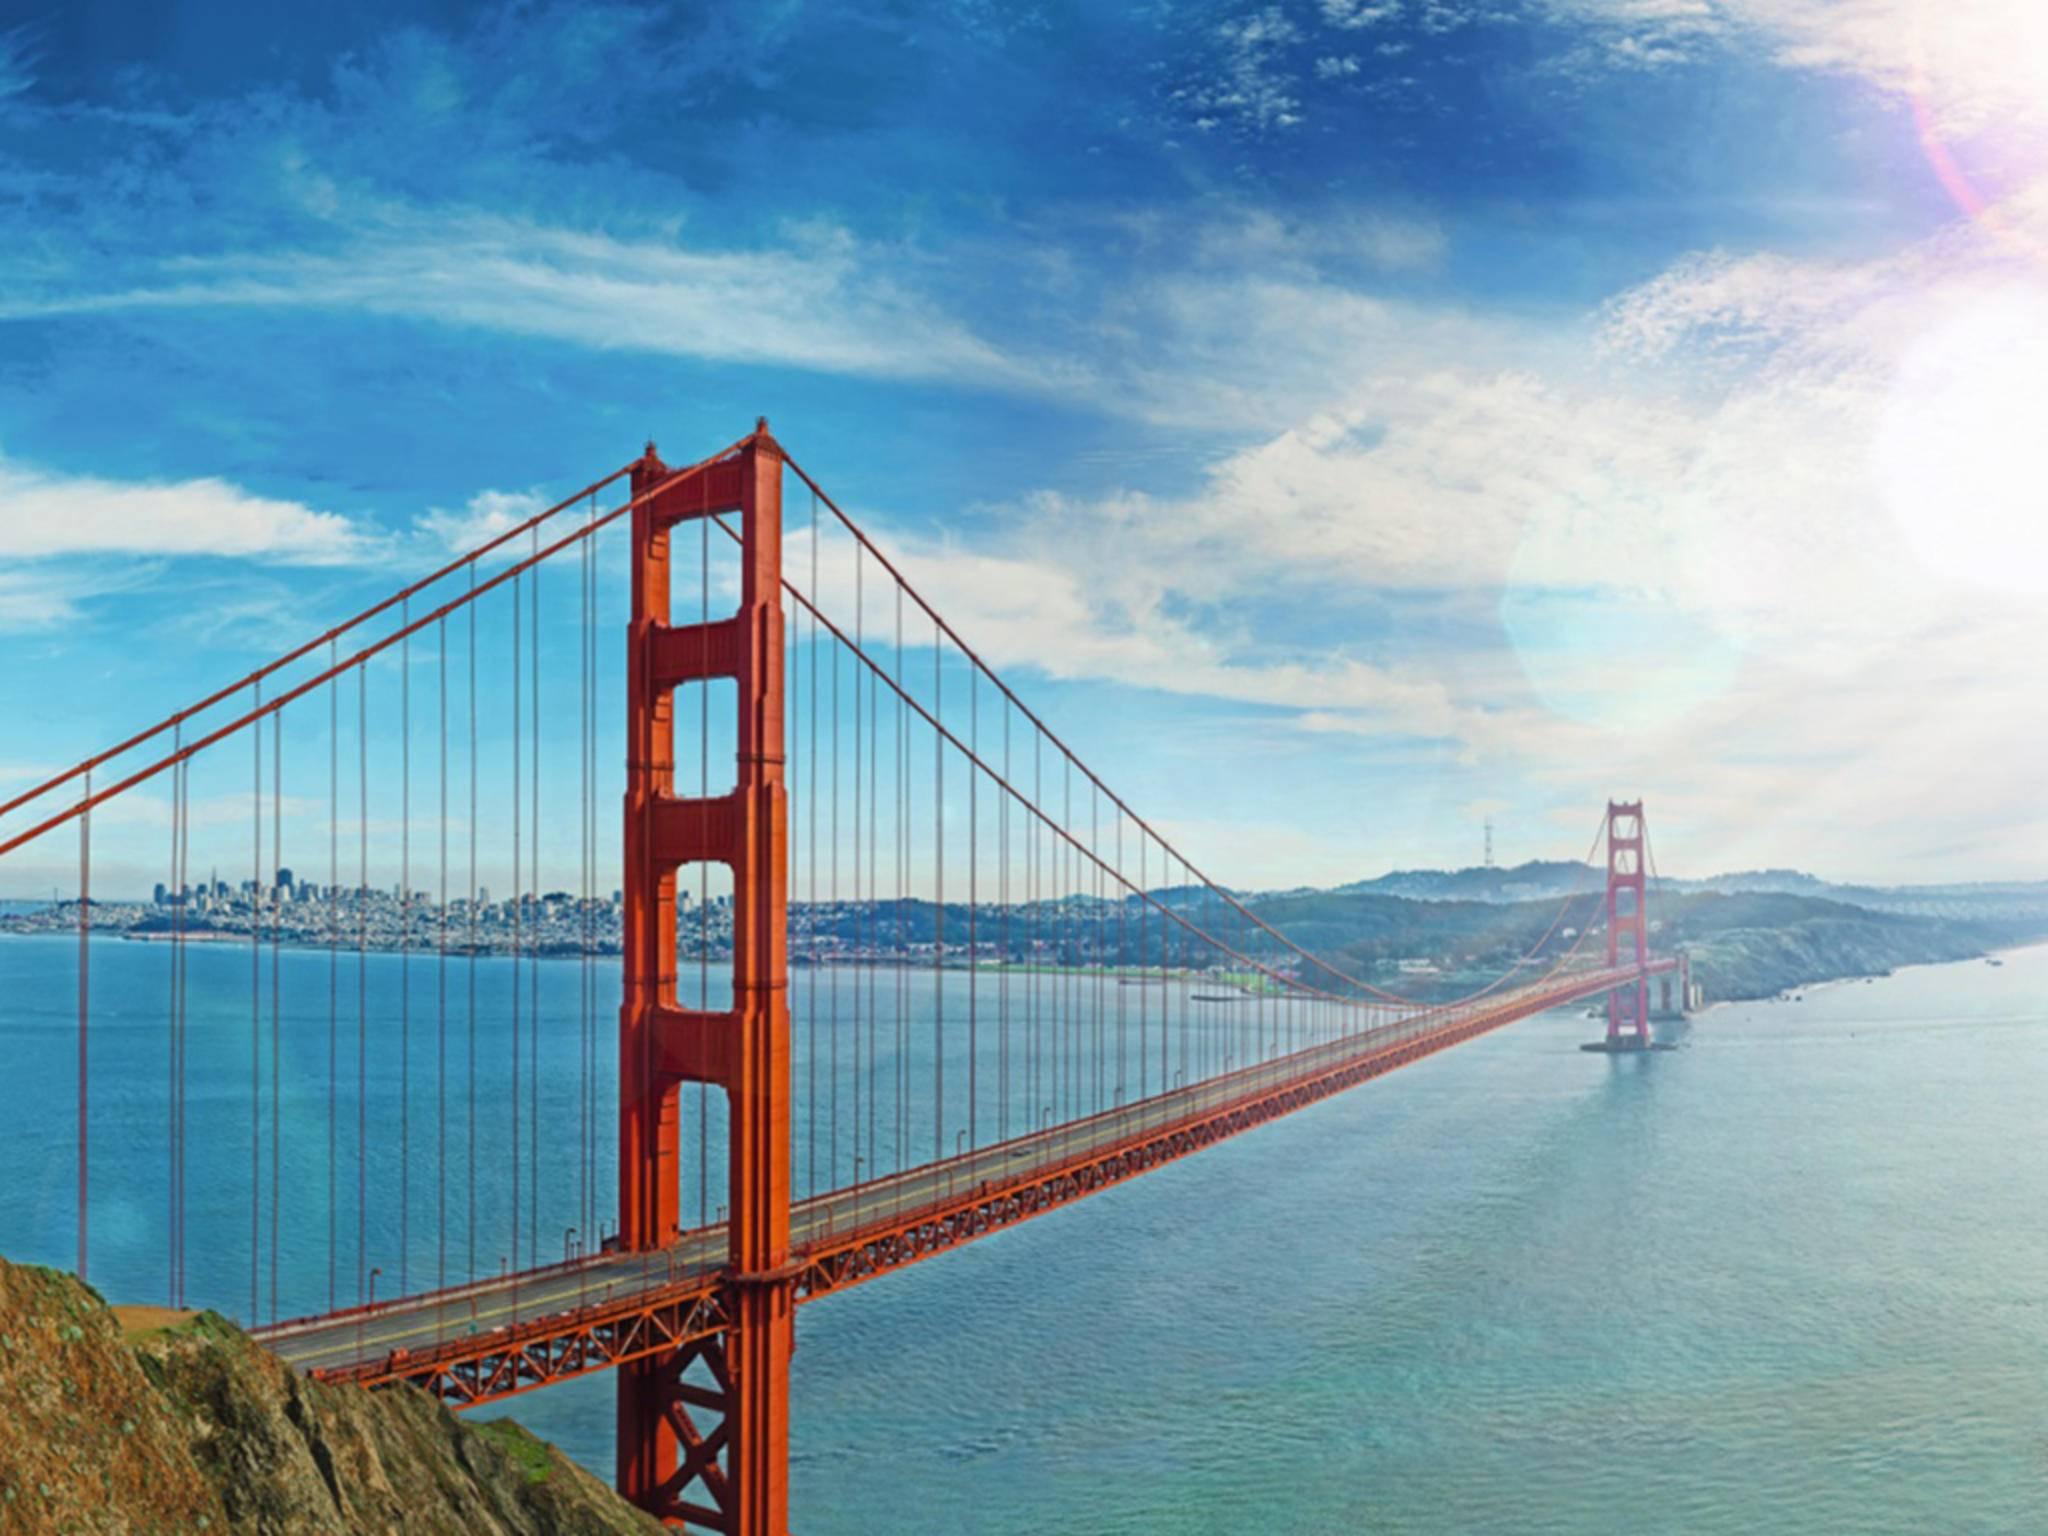 Na, kannst Du den Bentley auf der Golden Gate Bridge erkennen?